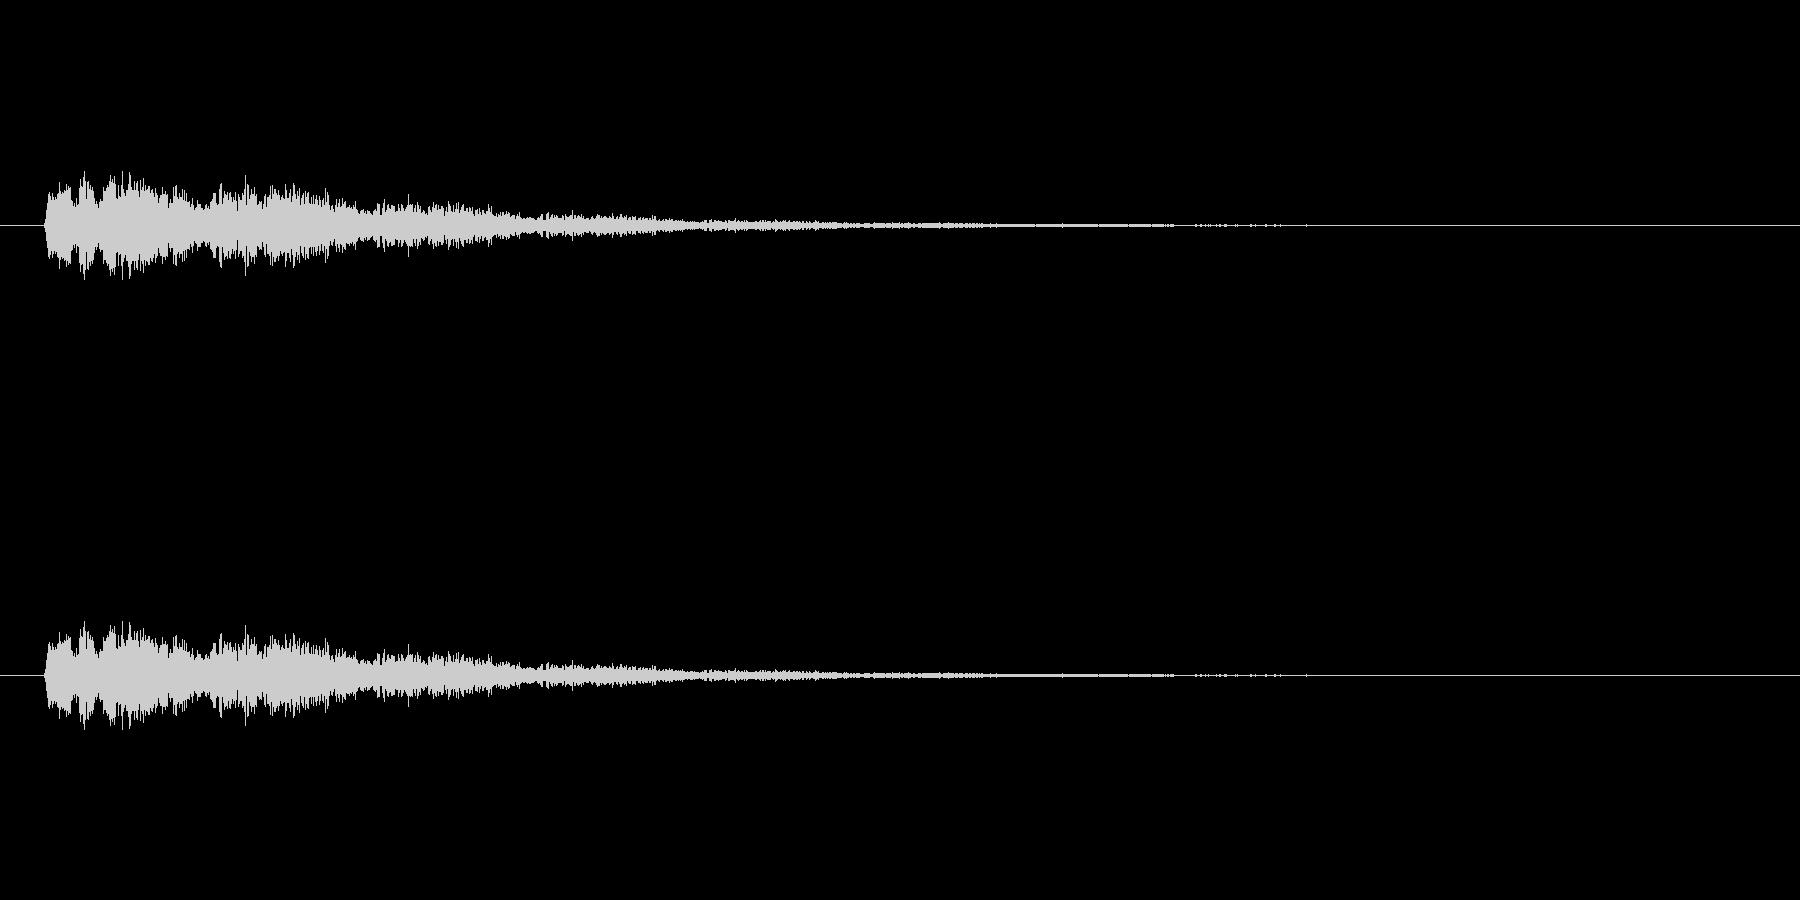 【ポップモーション43-3】の未再生の波形